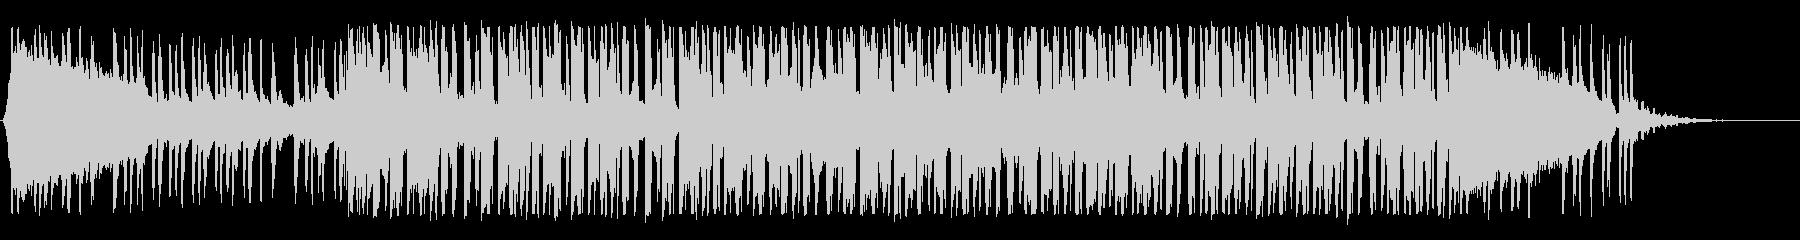 レゲトン/トロピカル/海/砂浜/ショートの未再生の波形